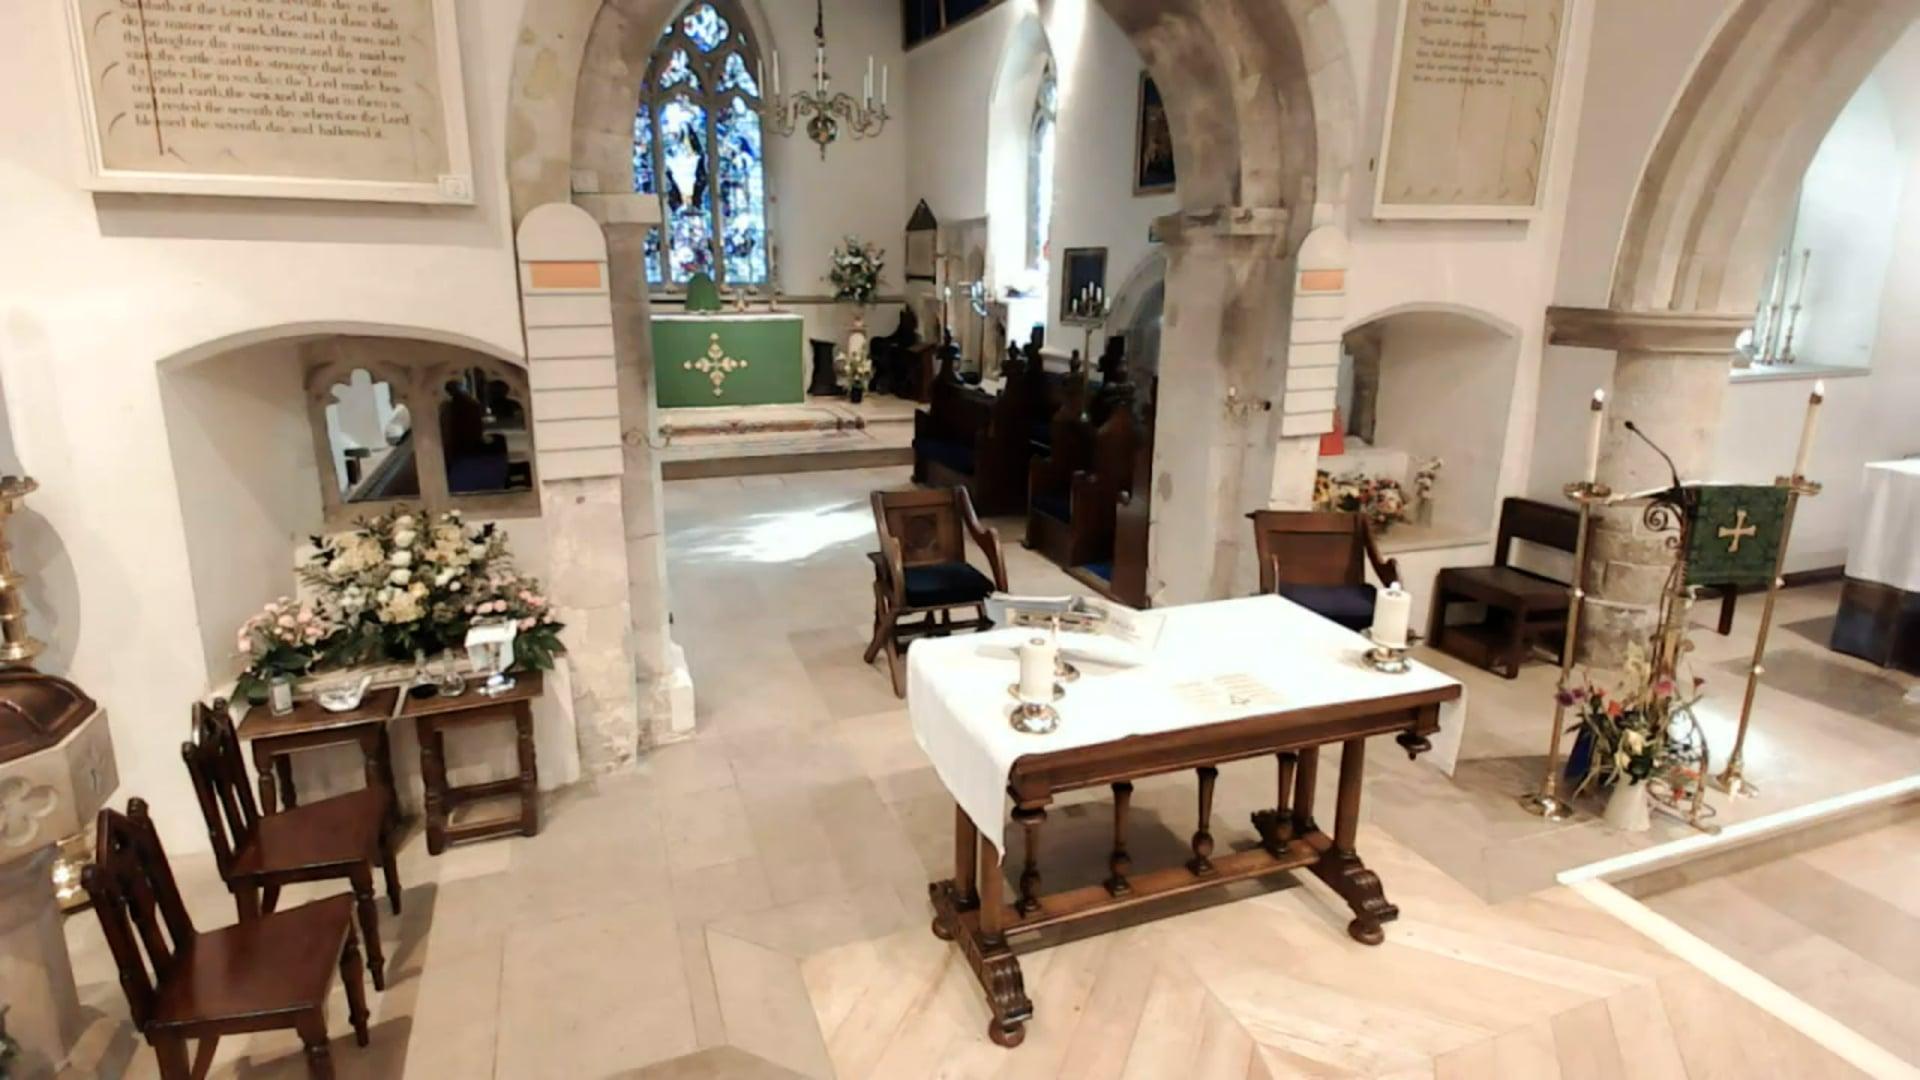 Wednesday Said Eucharist (Mass)